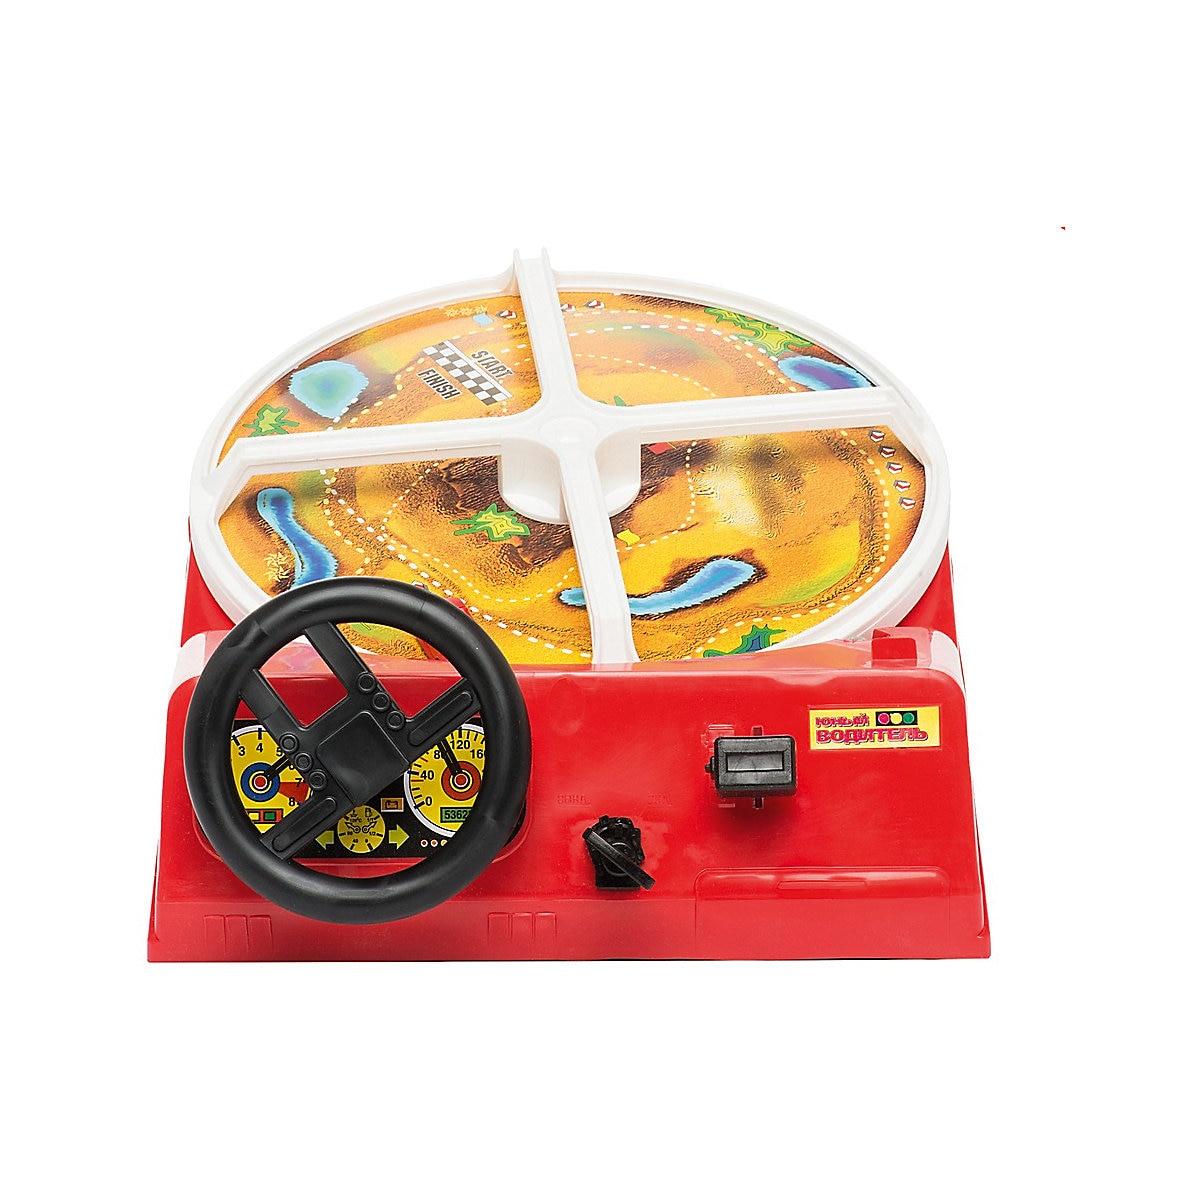 цена на Game Room omskiy zavod elektrotovarov 8042558 toys board game children's educational games roomfor boys girls